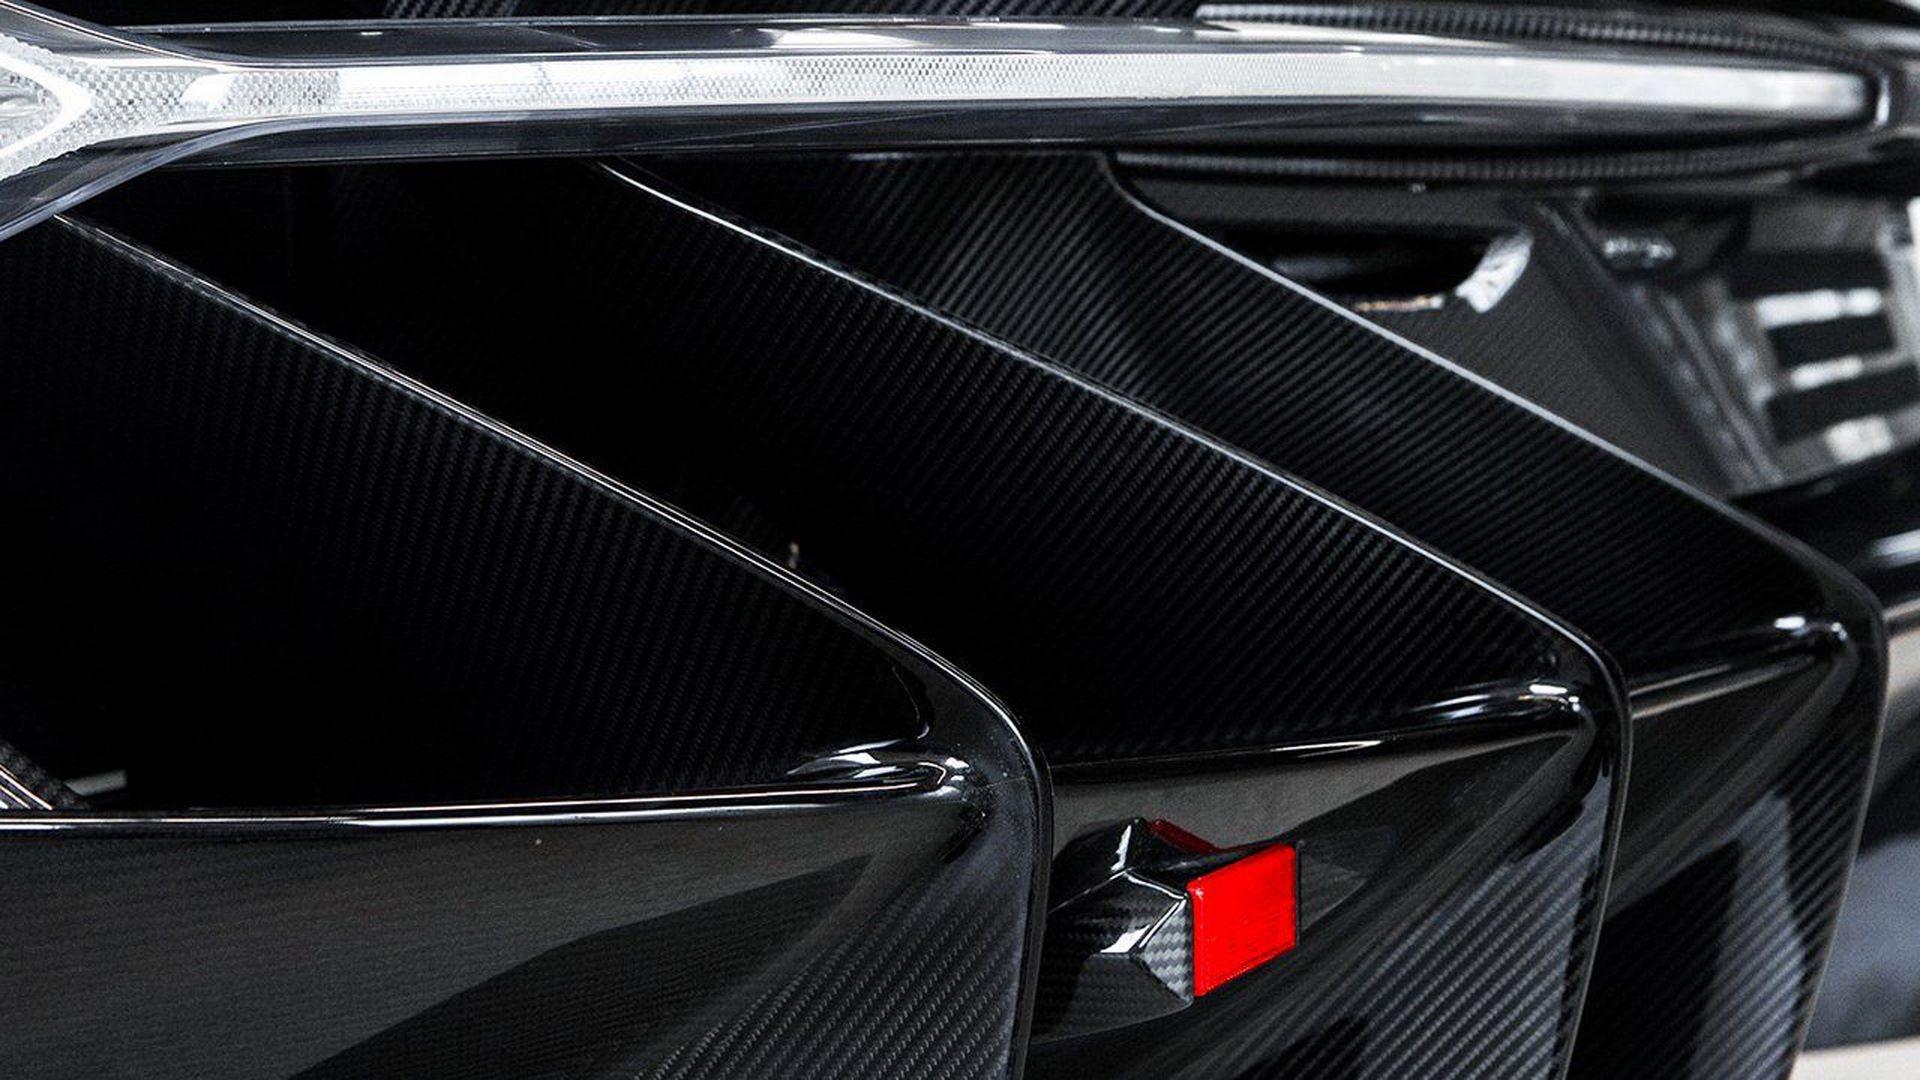 Carbon-Lamborghini-Centenario-Roadster-for-sale-20